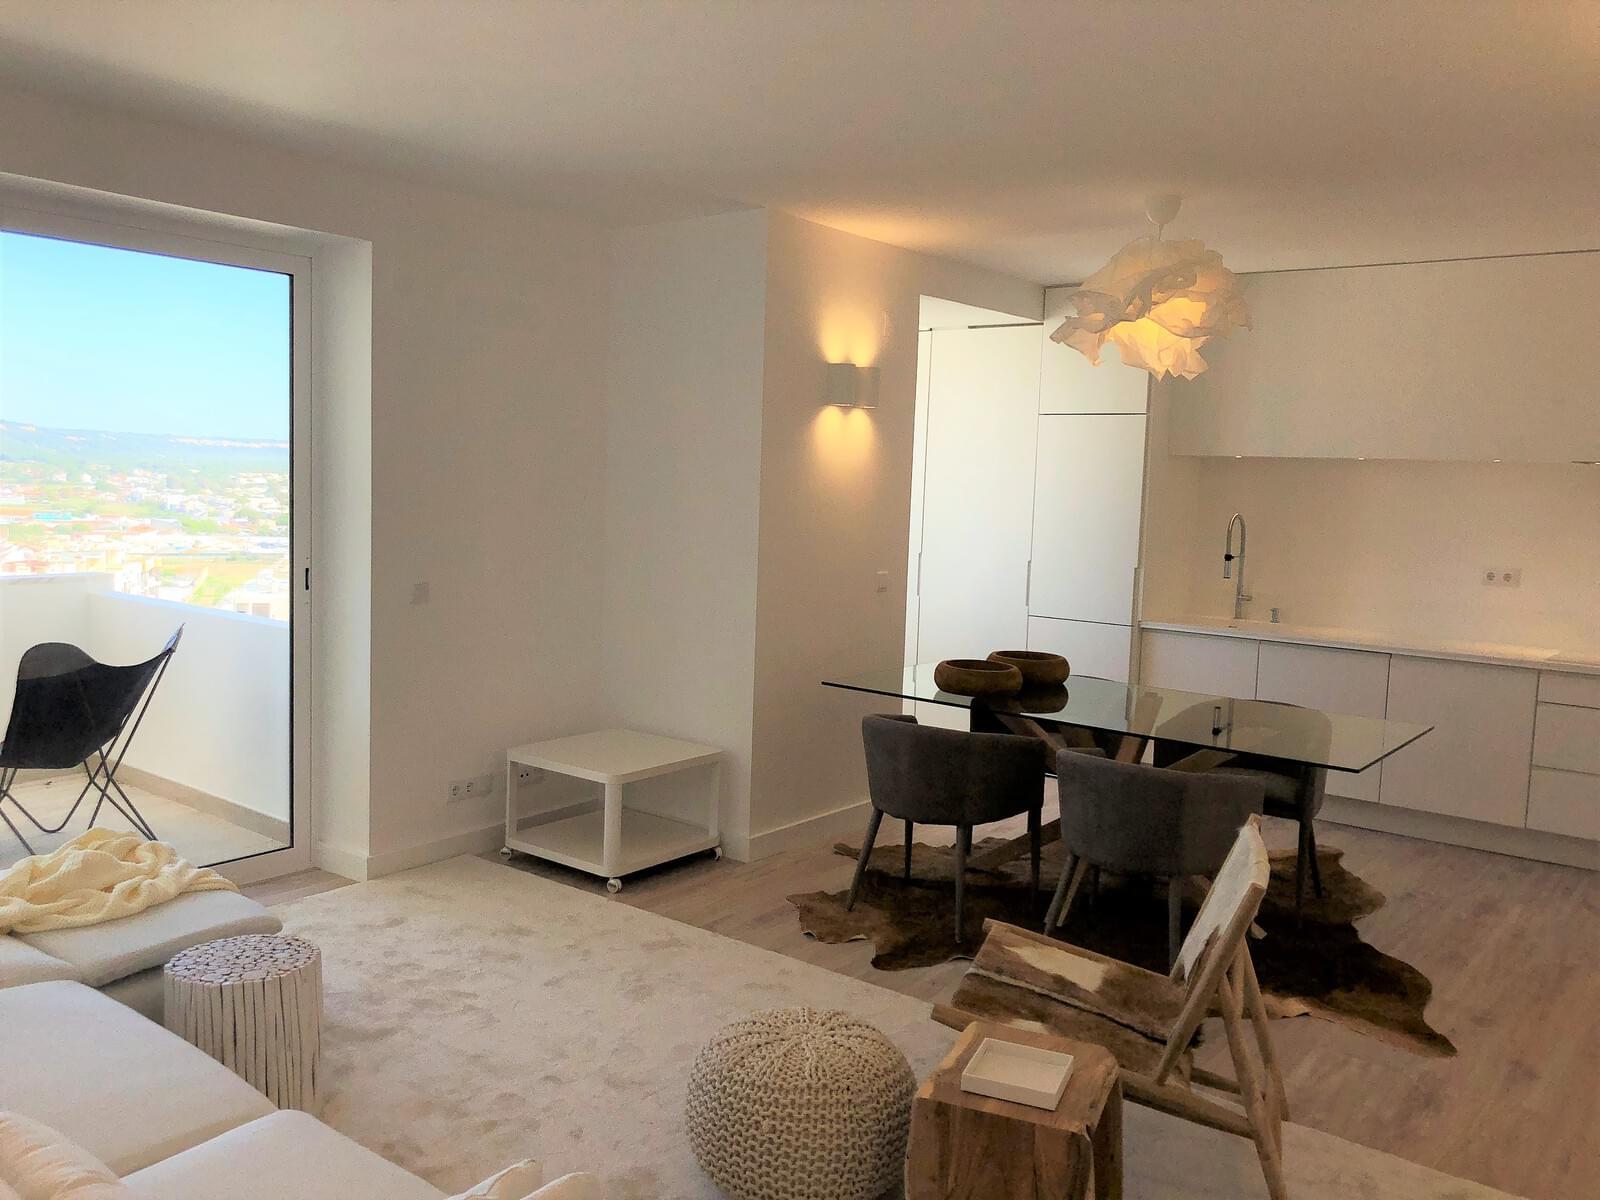 pf17249-apartamento-t2-almada-13e29e84-8f52-4a6d-85d4-c4827eed46c8